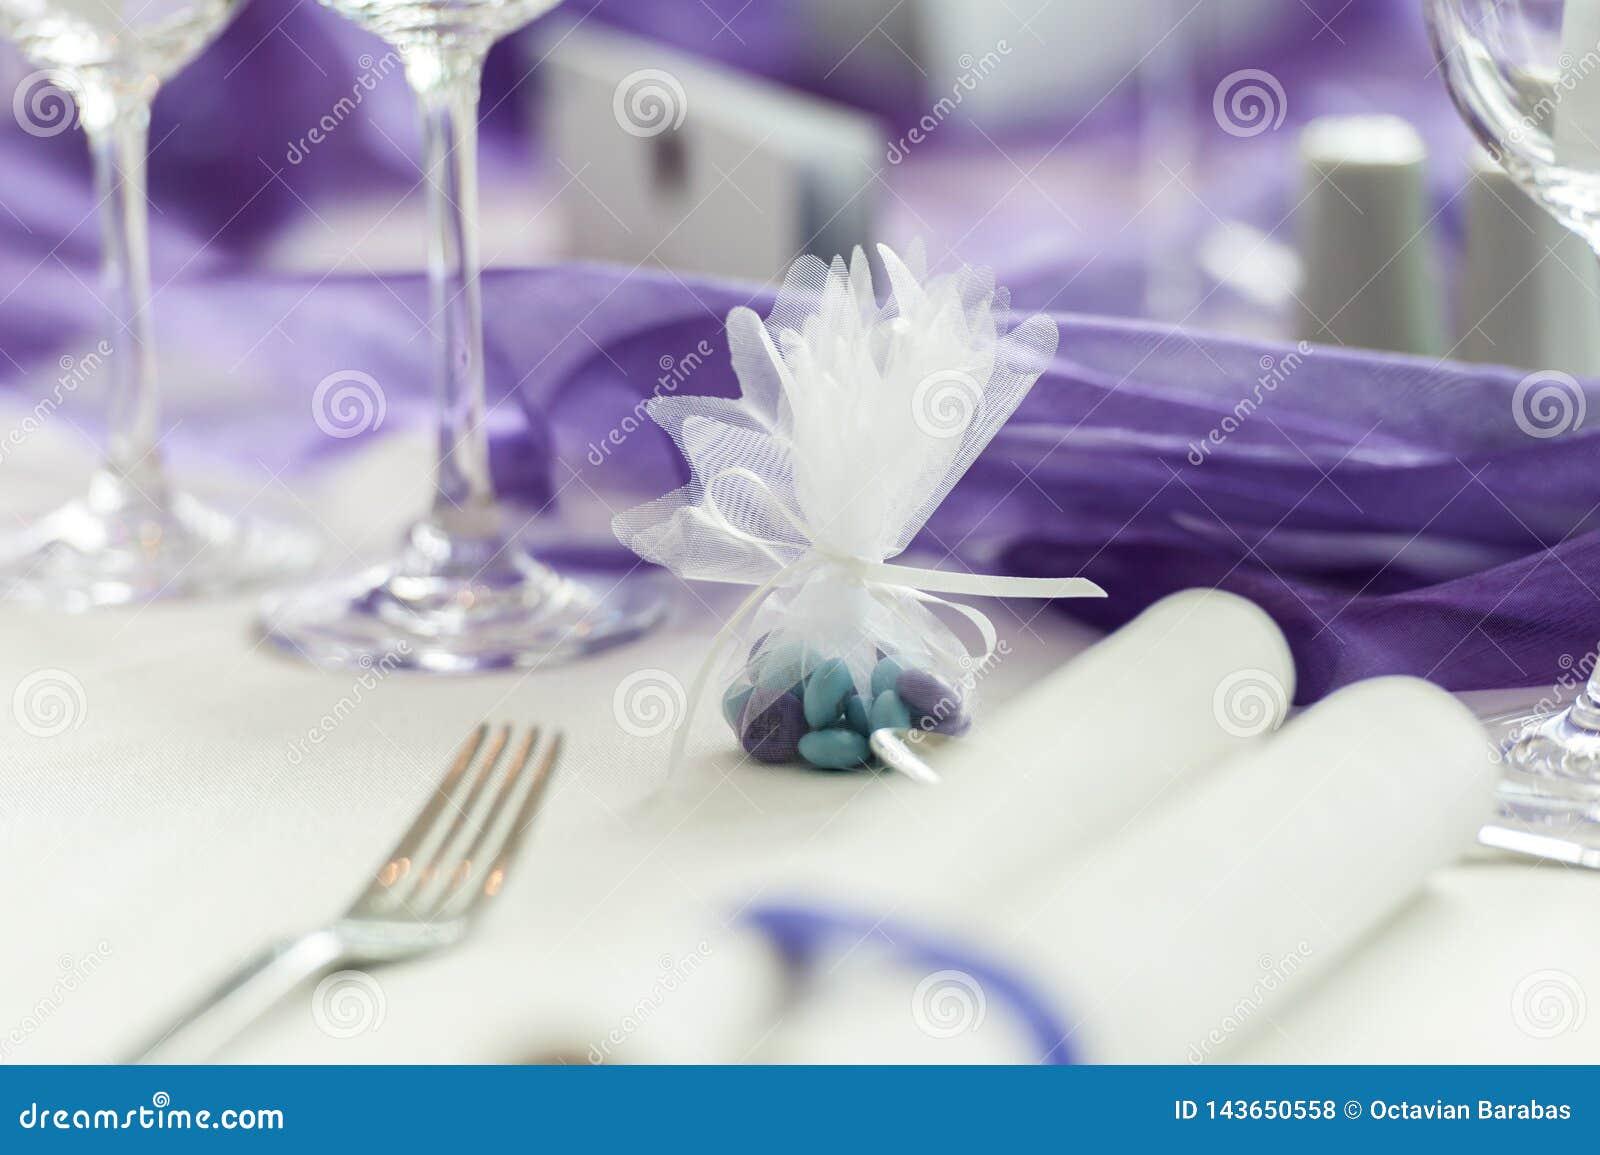 Зеленая и пурпурная конфета на таблице свадьбы